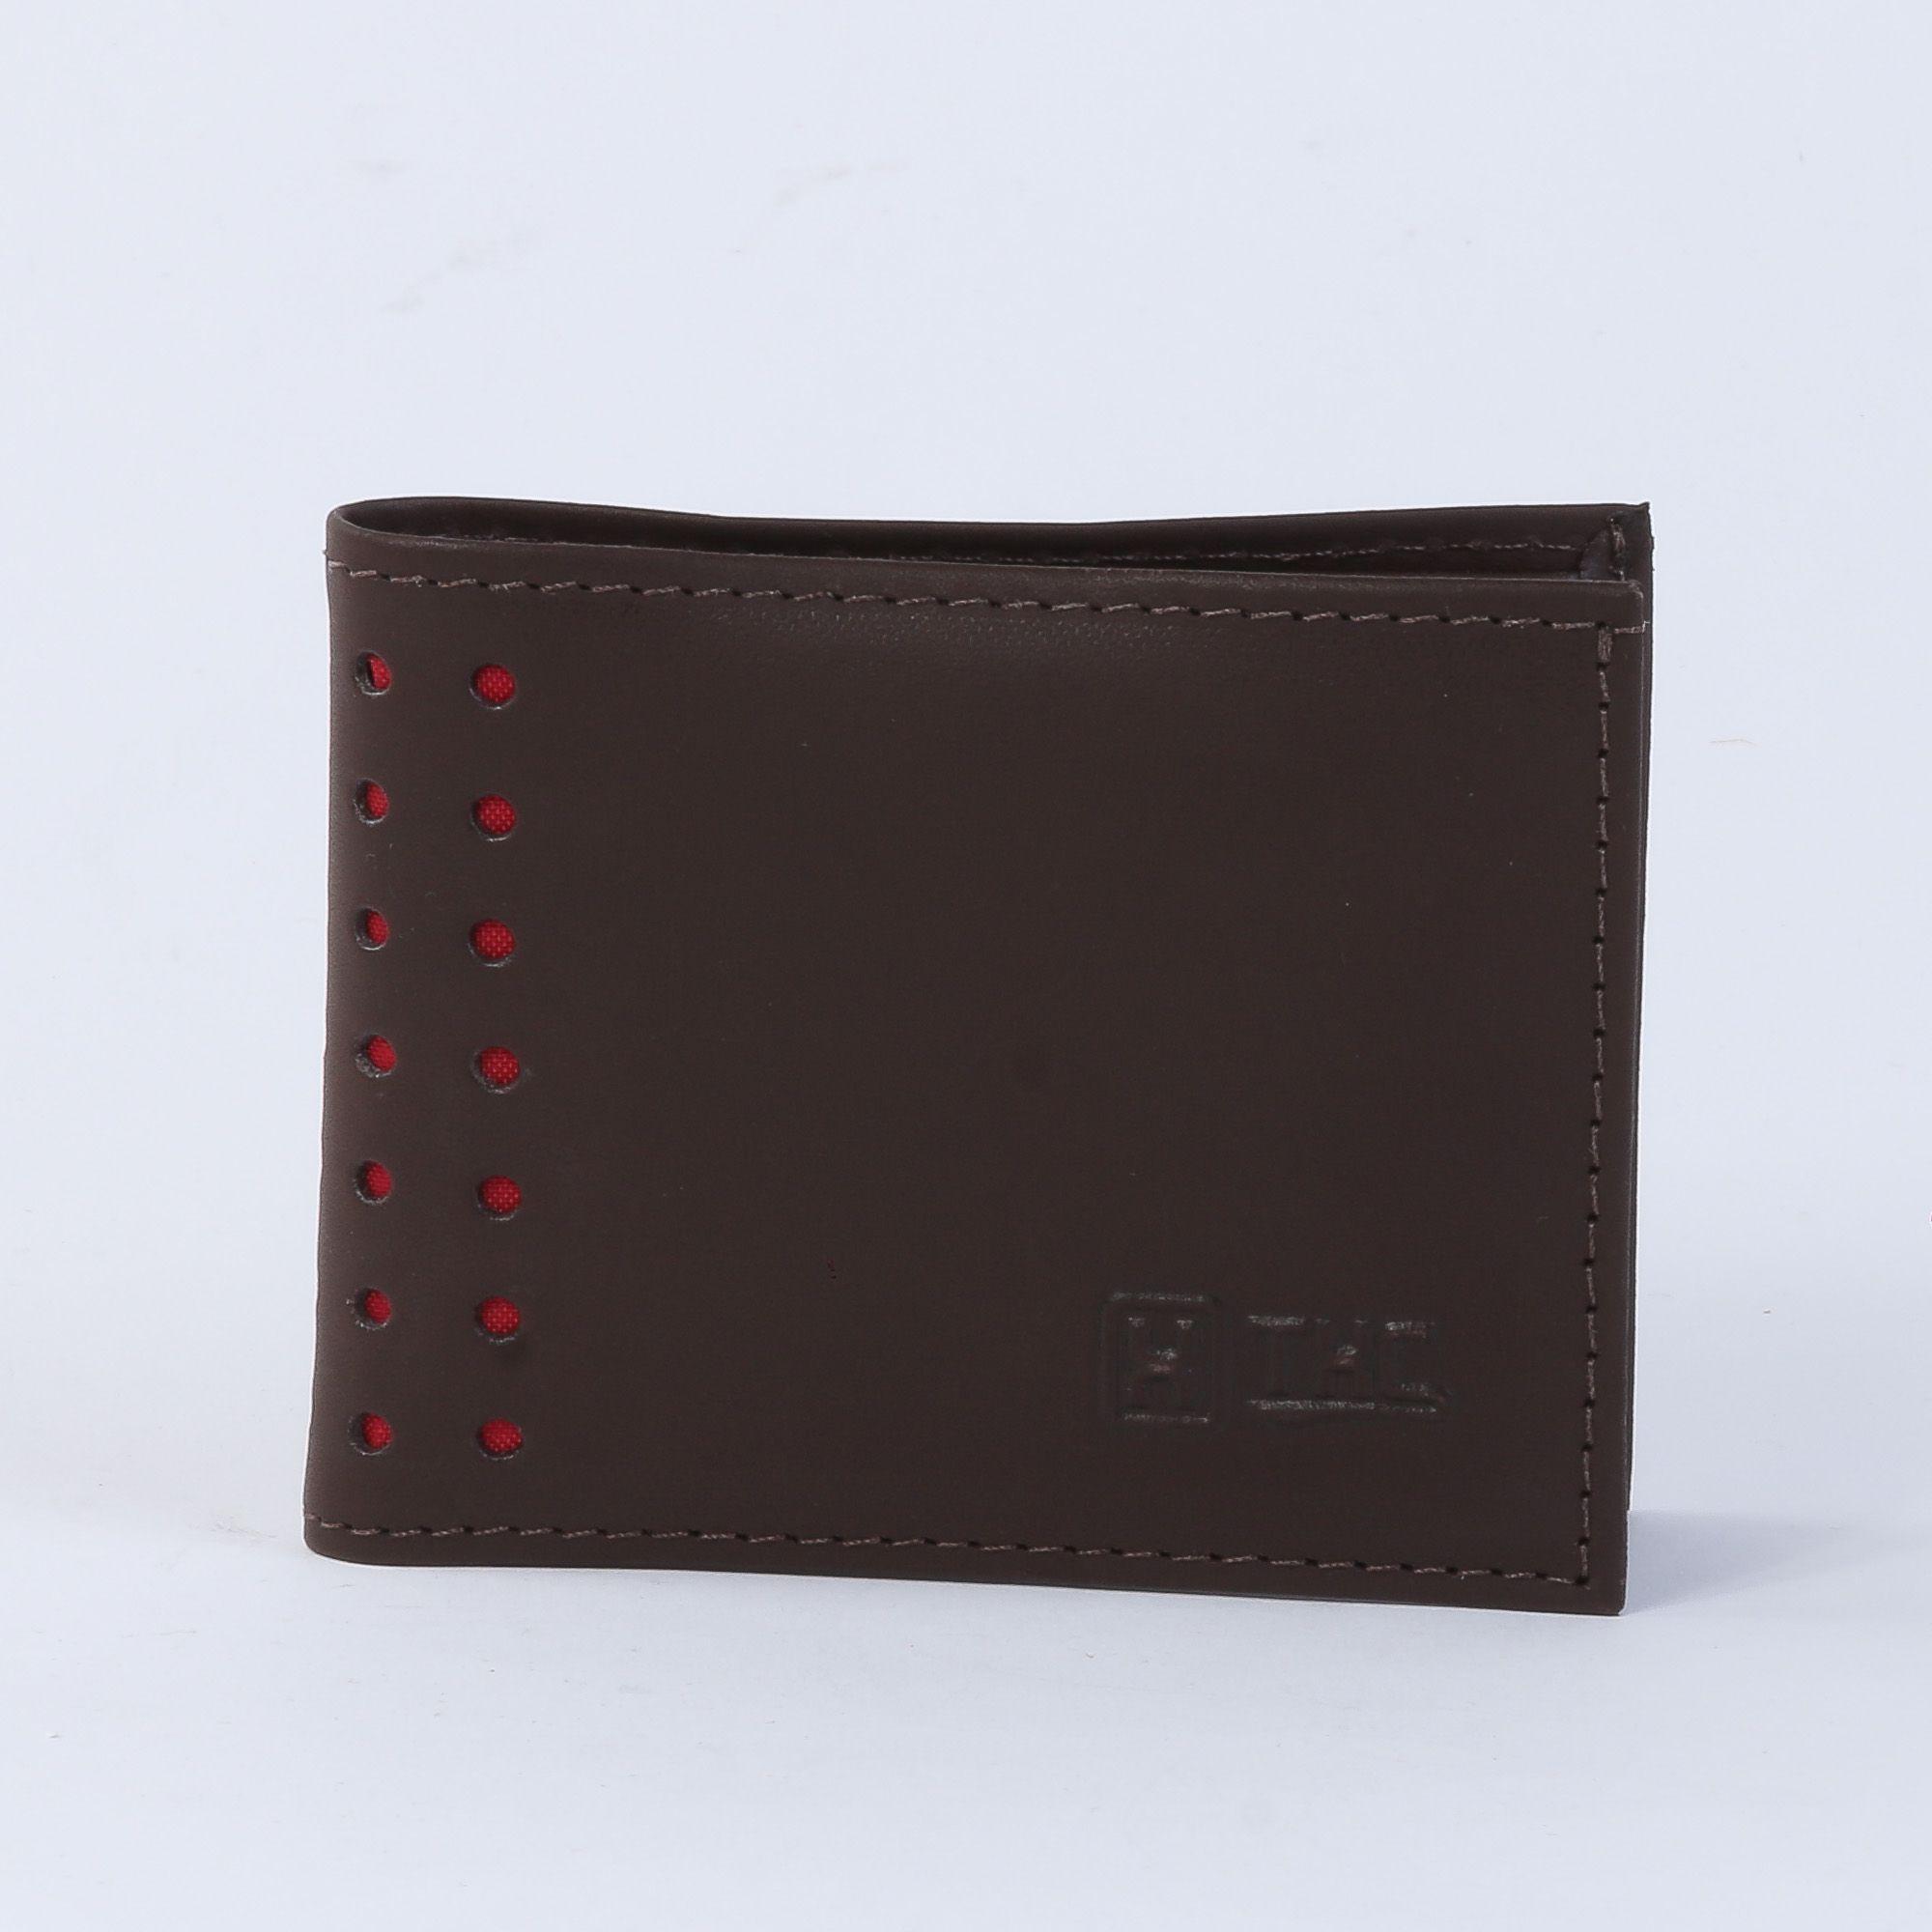 Carteira TXC Brand 11000